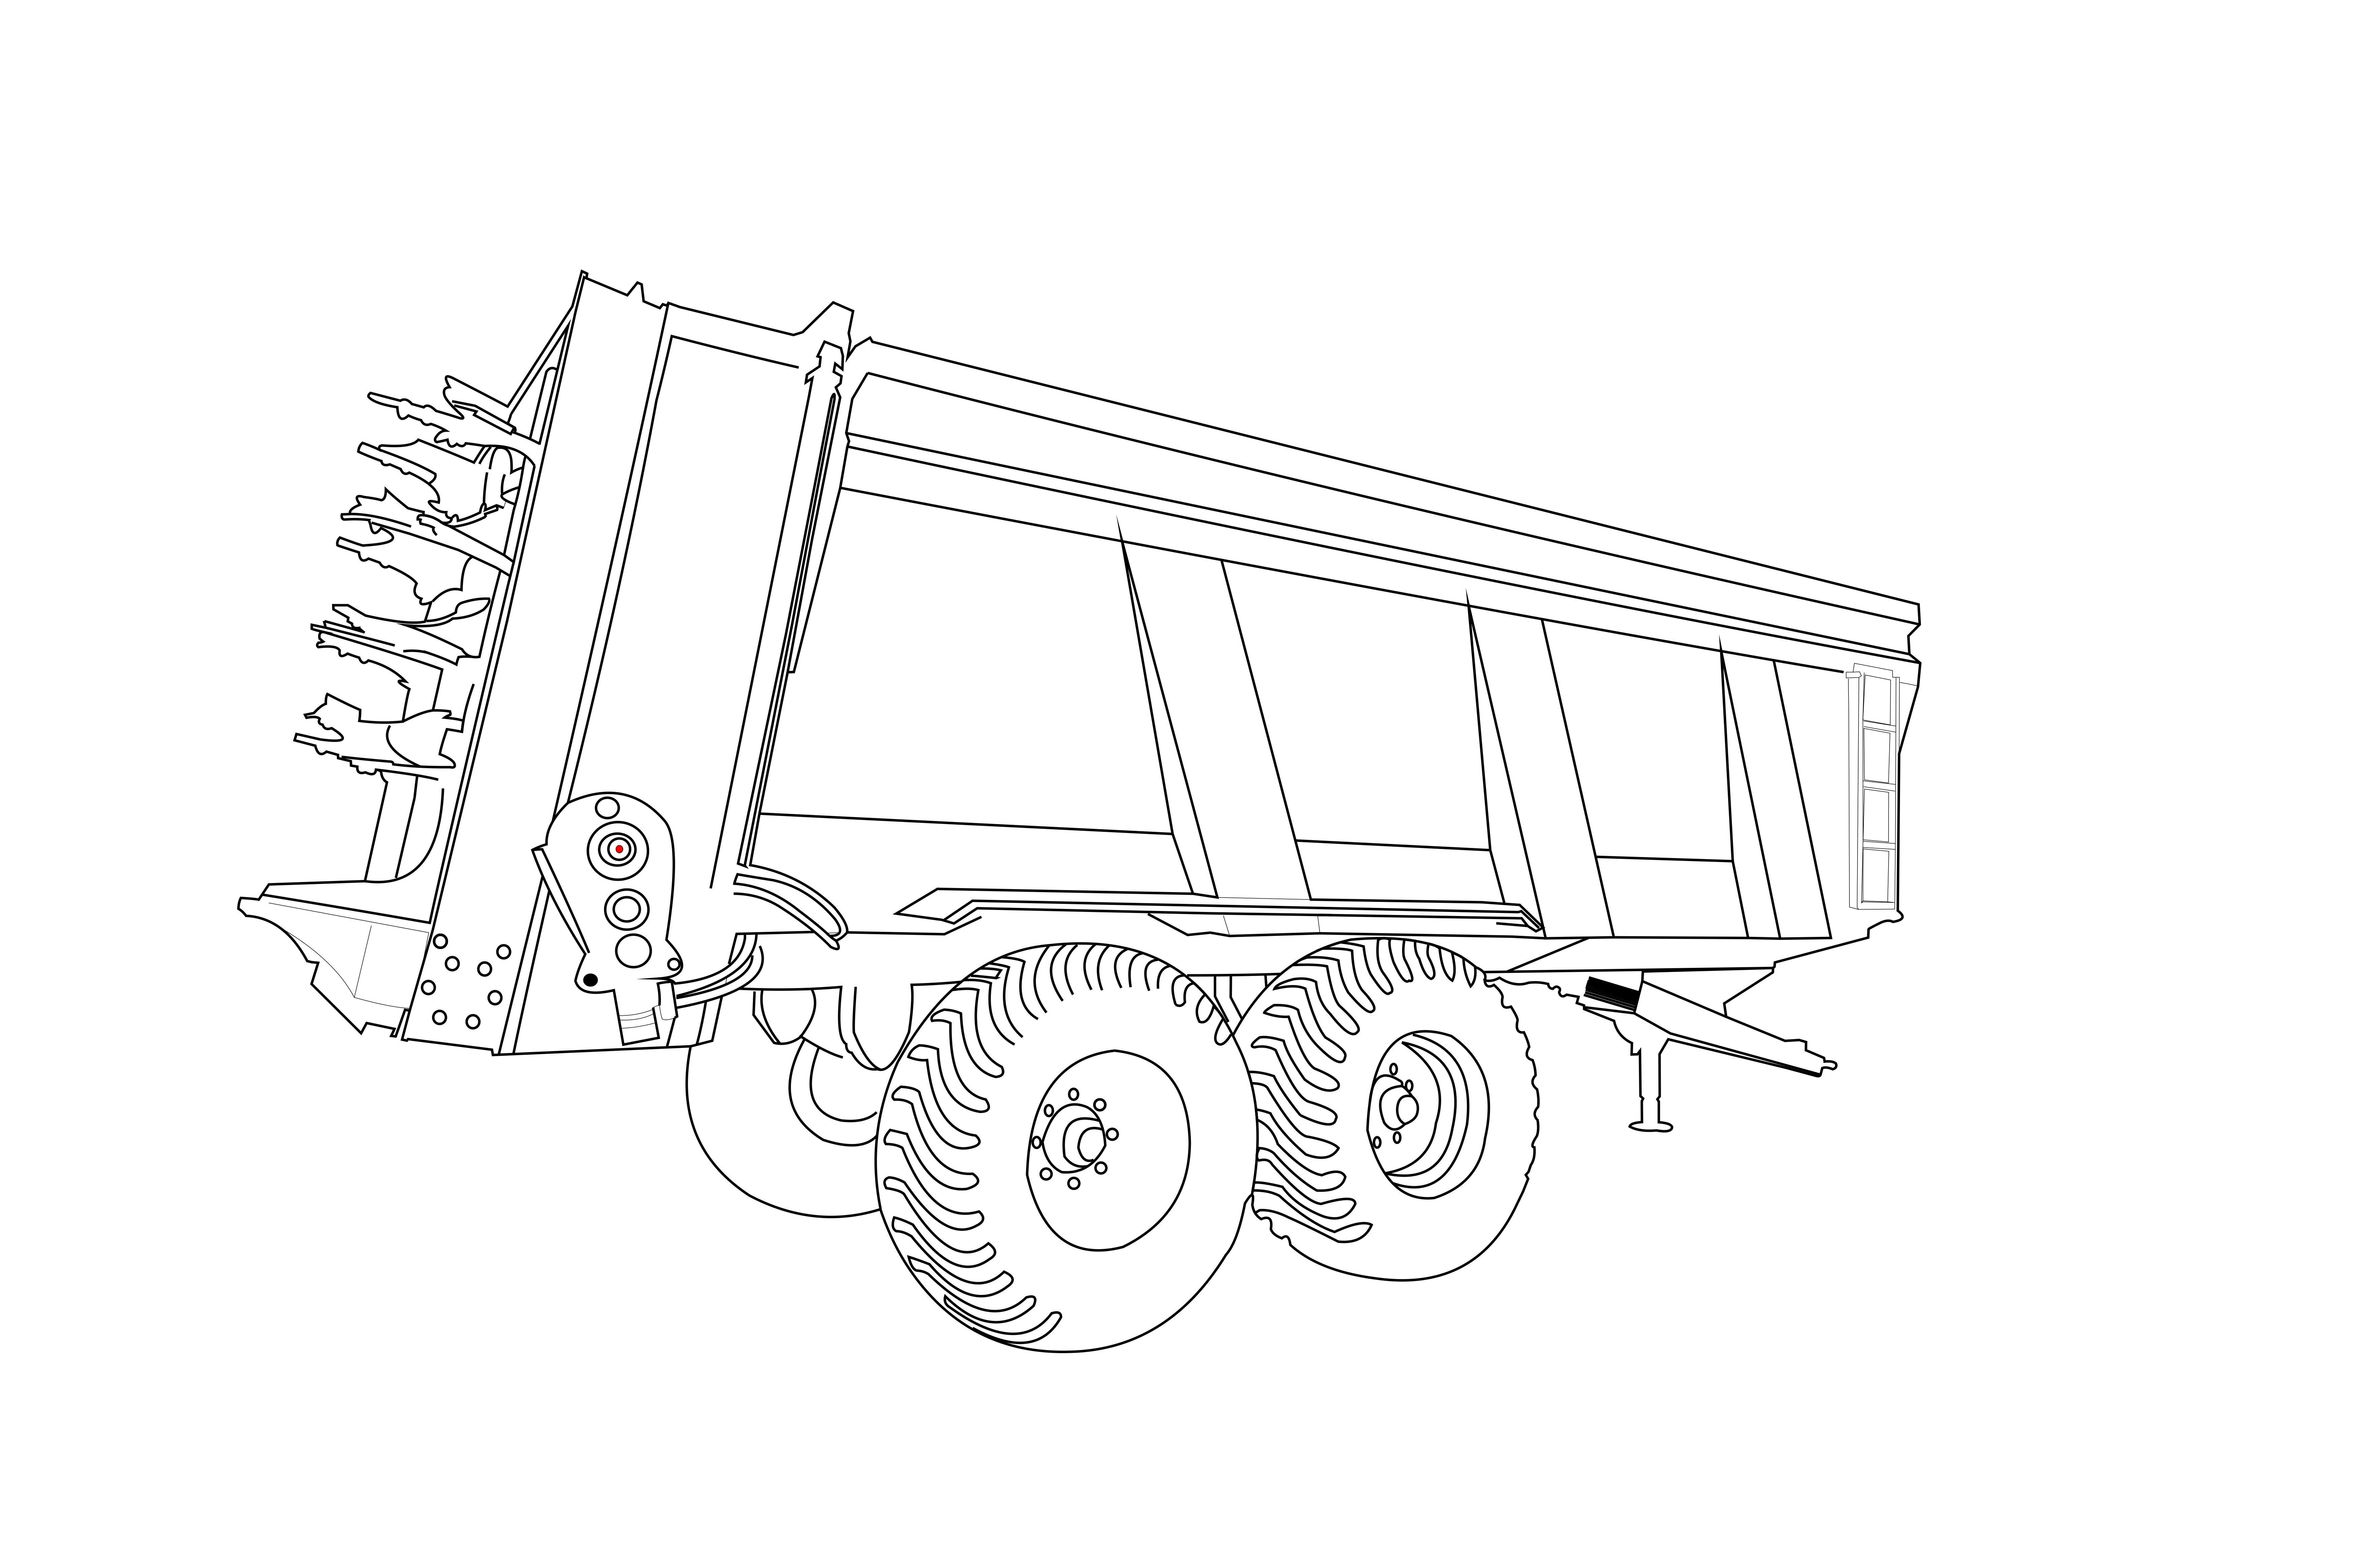 Dinapolis produktai - traktorinės priekabos, grūdų priekabos